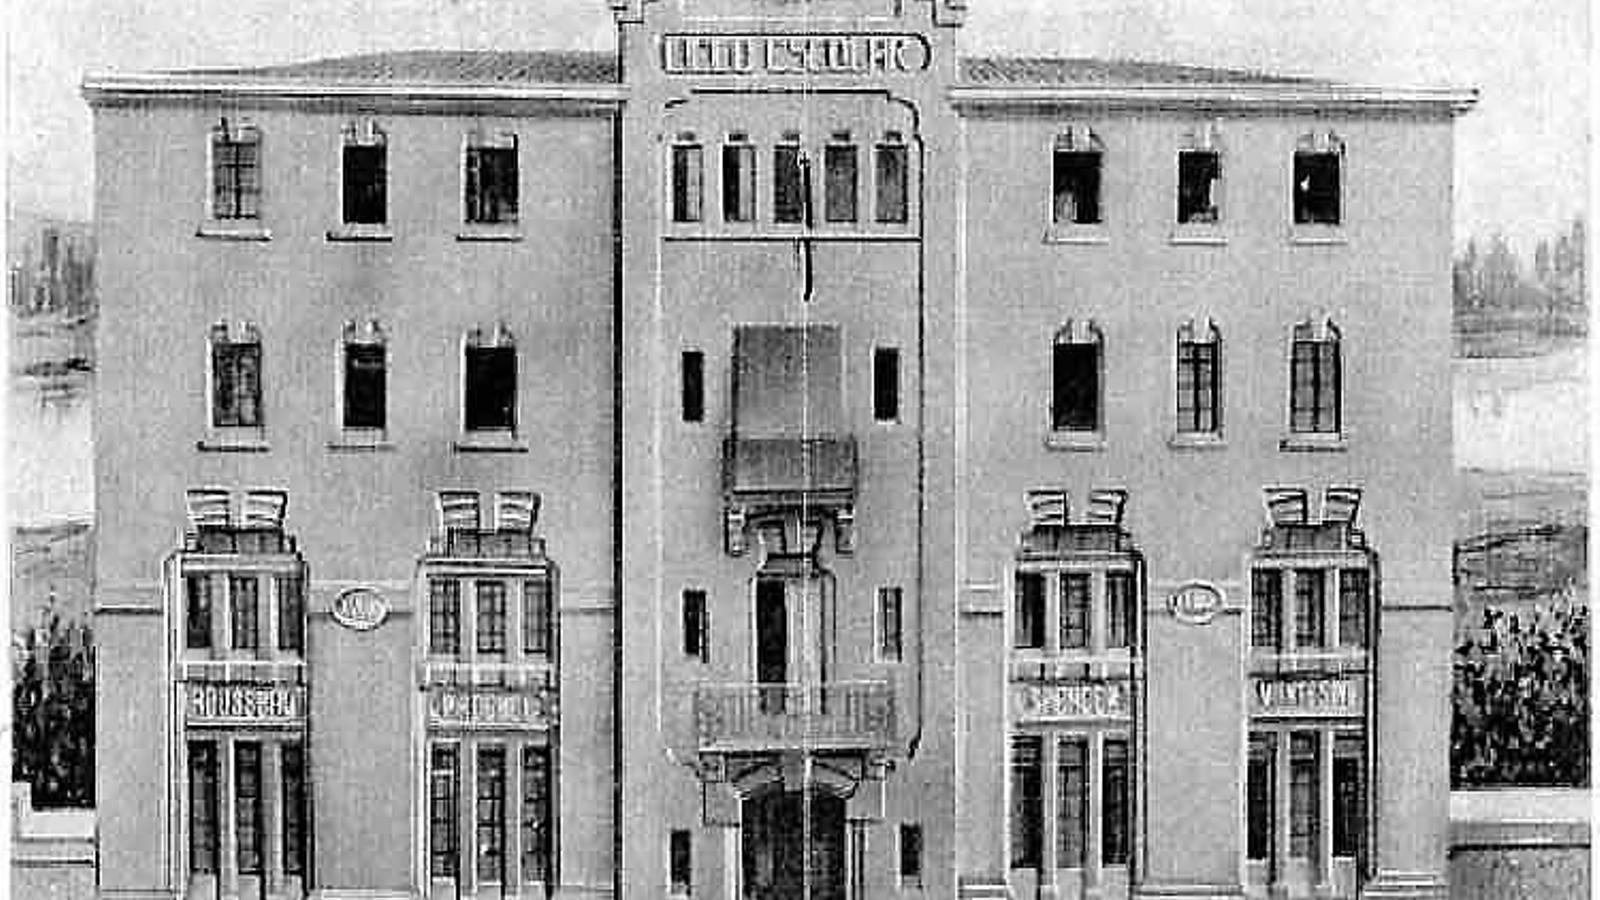 01. Façana del Liceu Escolar de Lleida abans que fos bombardejat.  02. Nens jugant en un poblat  de Birmània.